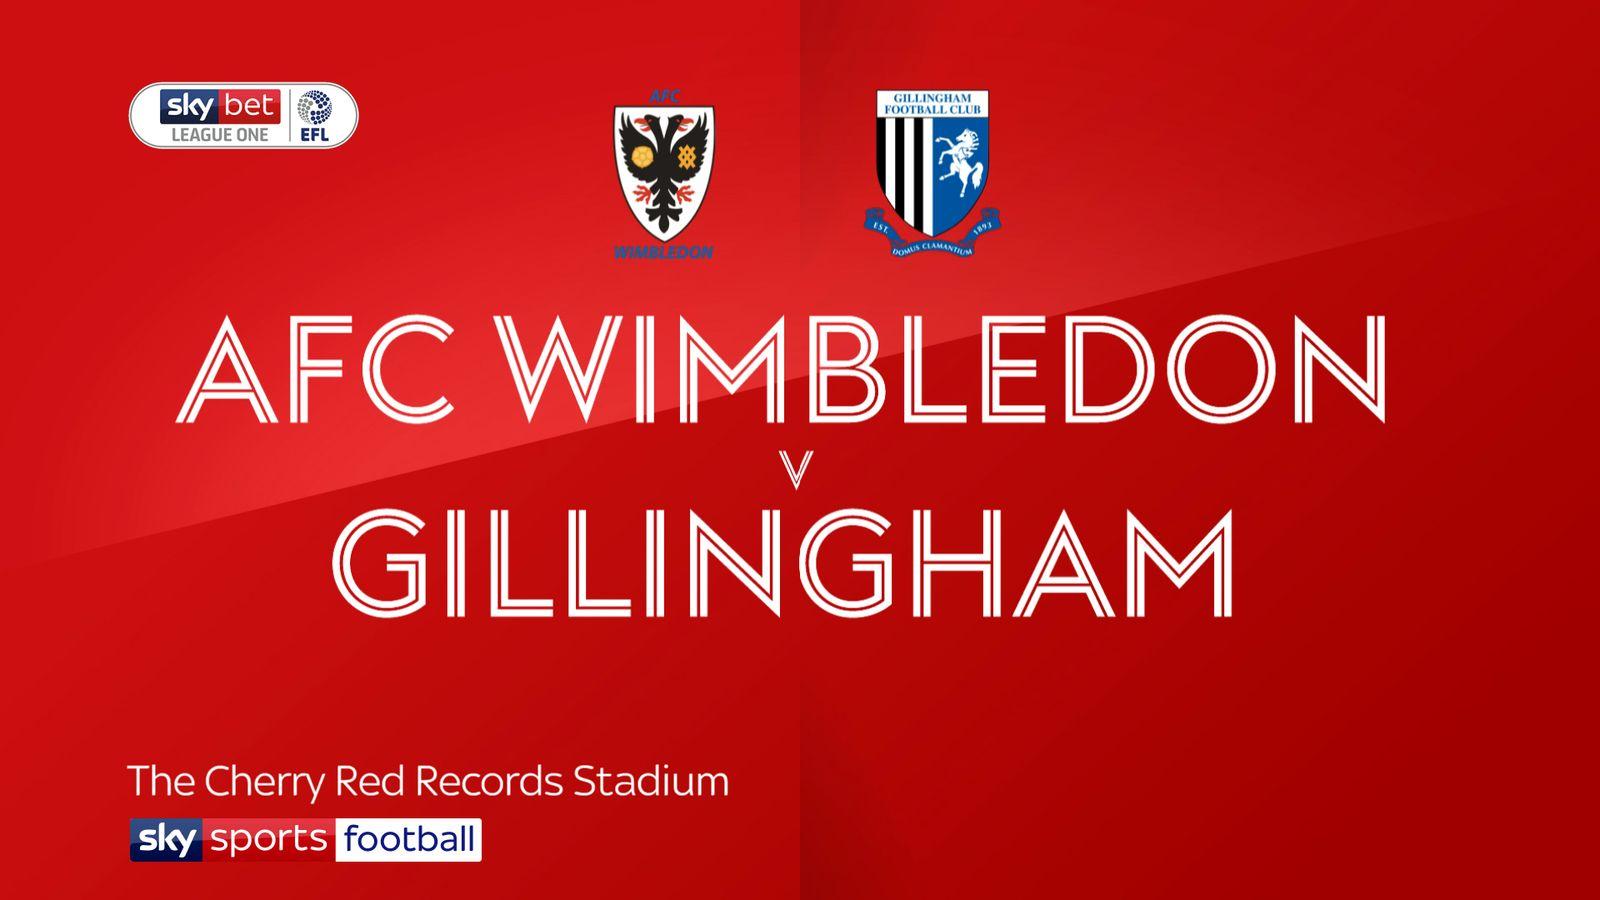 AFC Wimbledon 1-0 Gillingham: Scott Wagstaff scores winner at Kingsmeadow